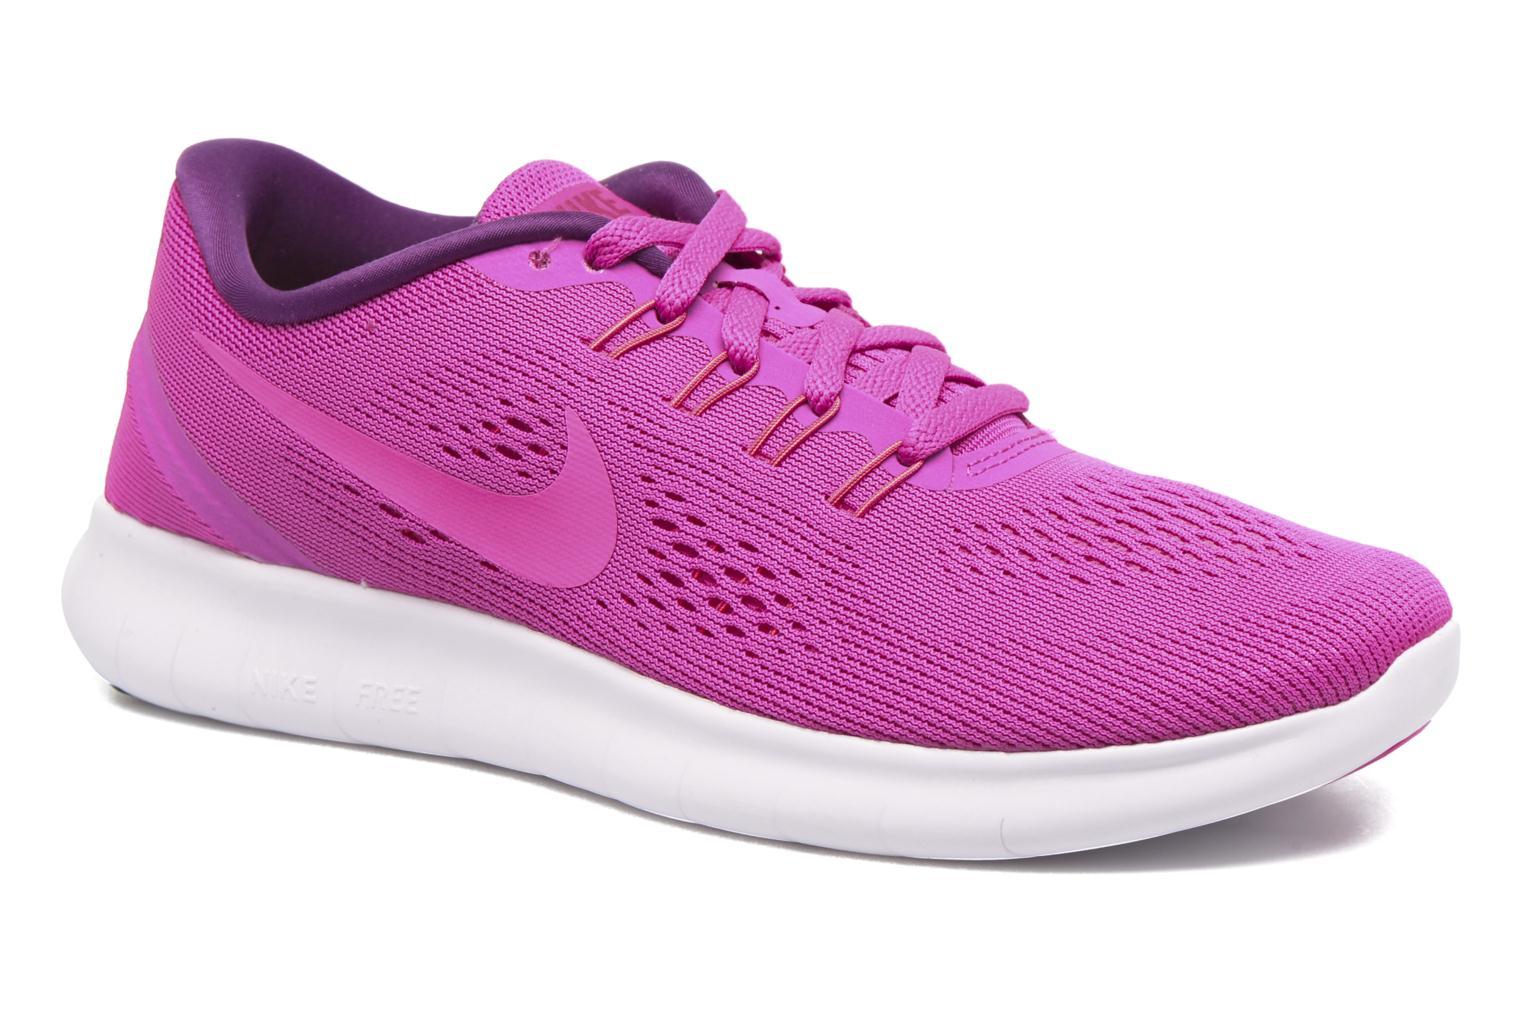 Wmns Nike Free Rn Fire Pink/Pink Blast-Blue Glow